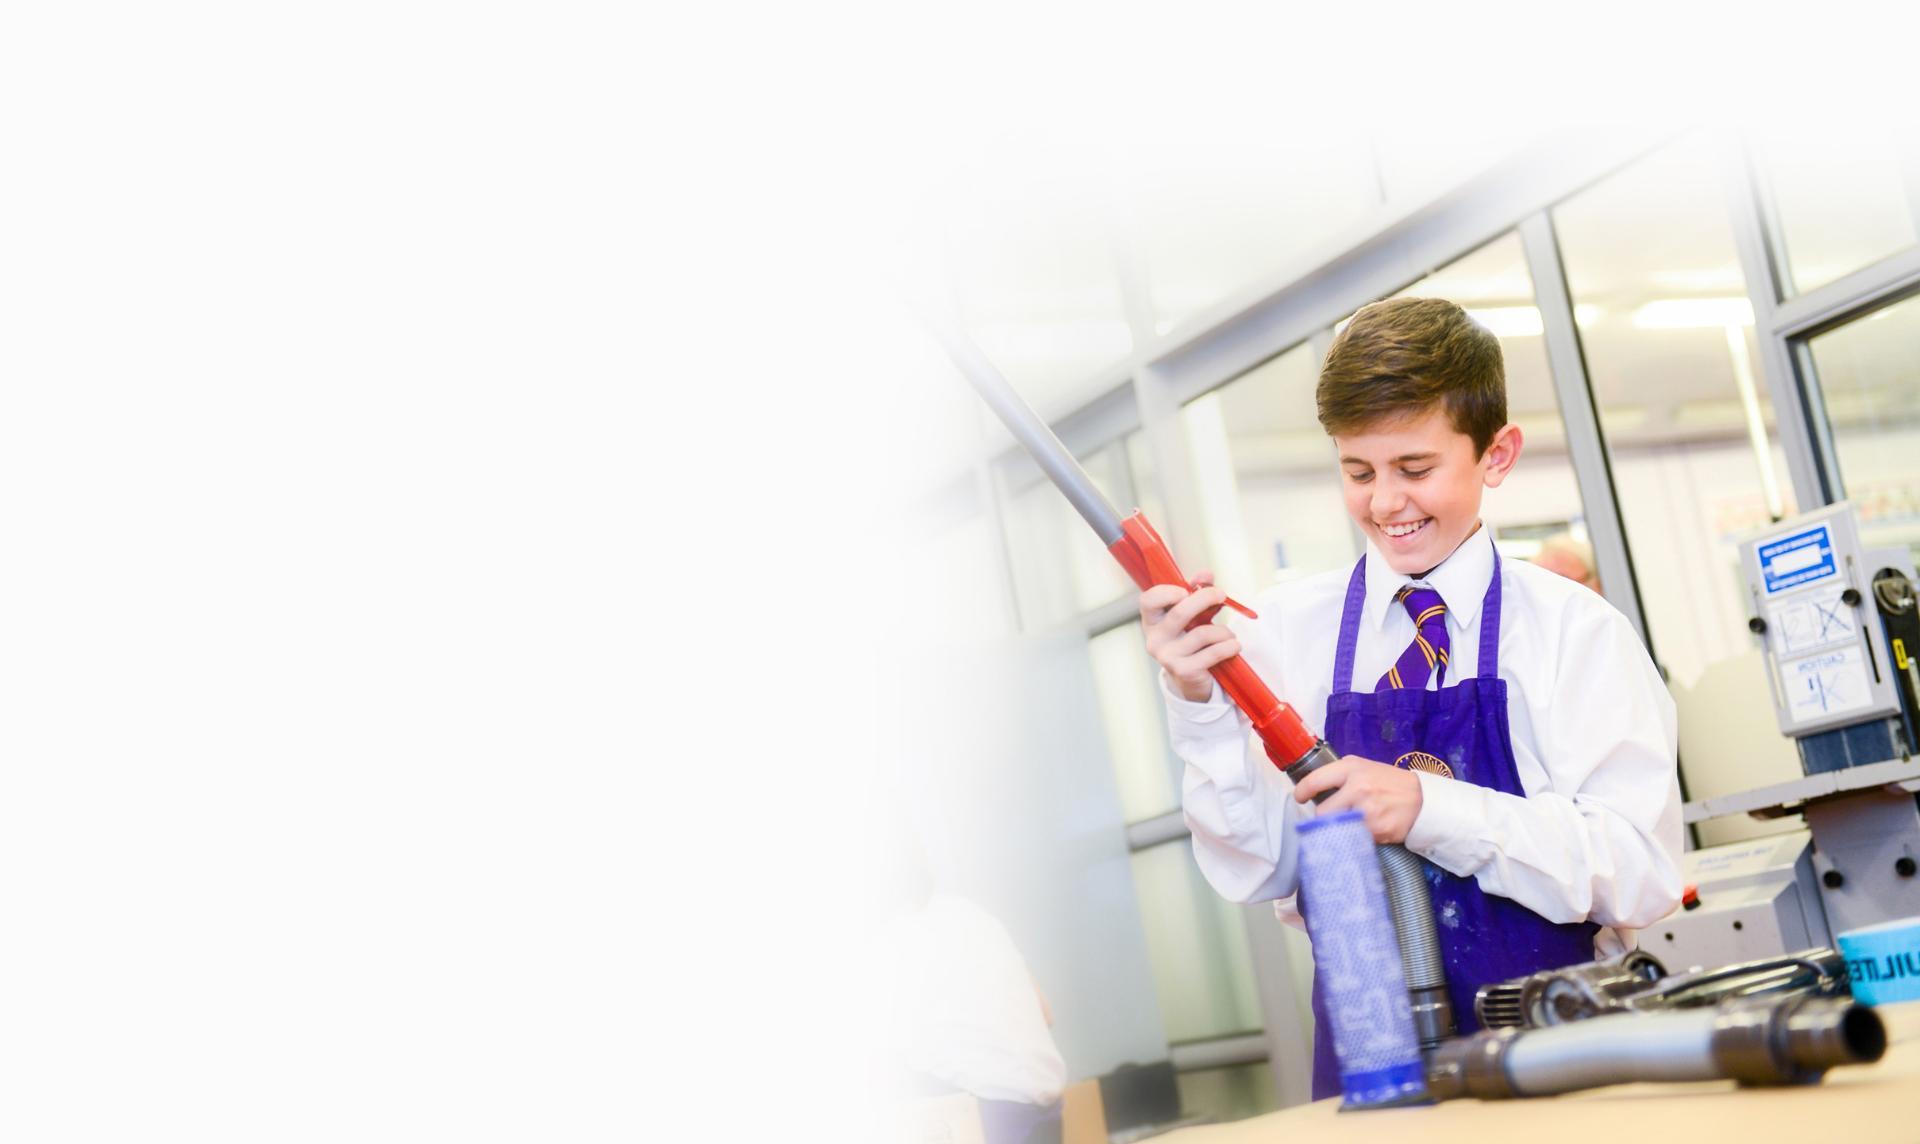 Dyson-technológiát elsajátító fiatal mérnökhallgató